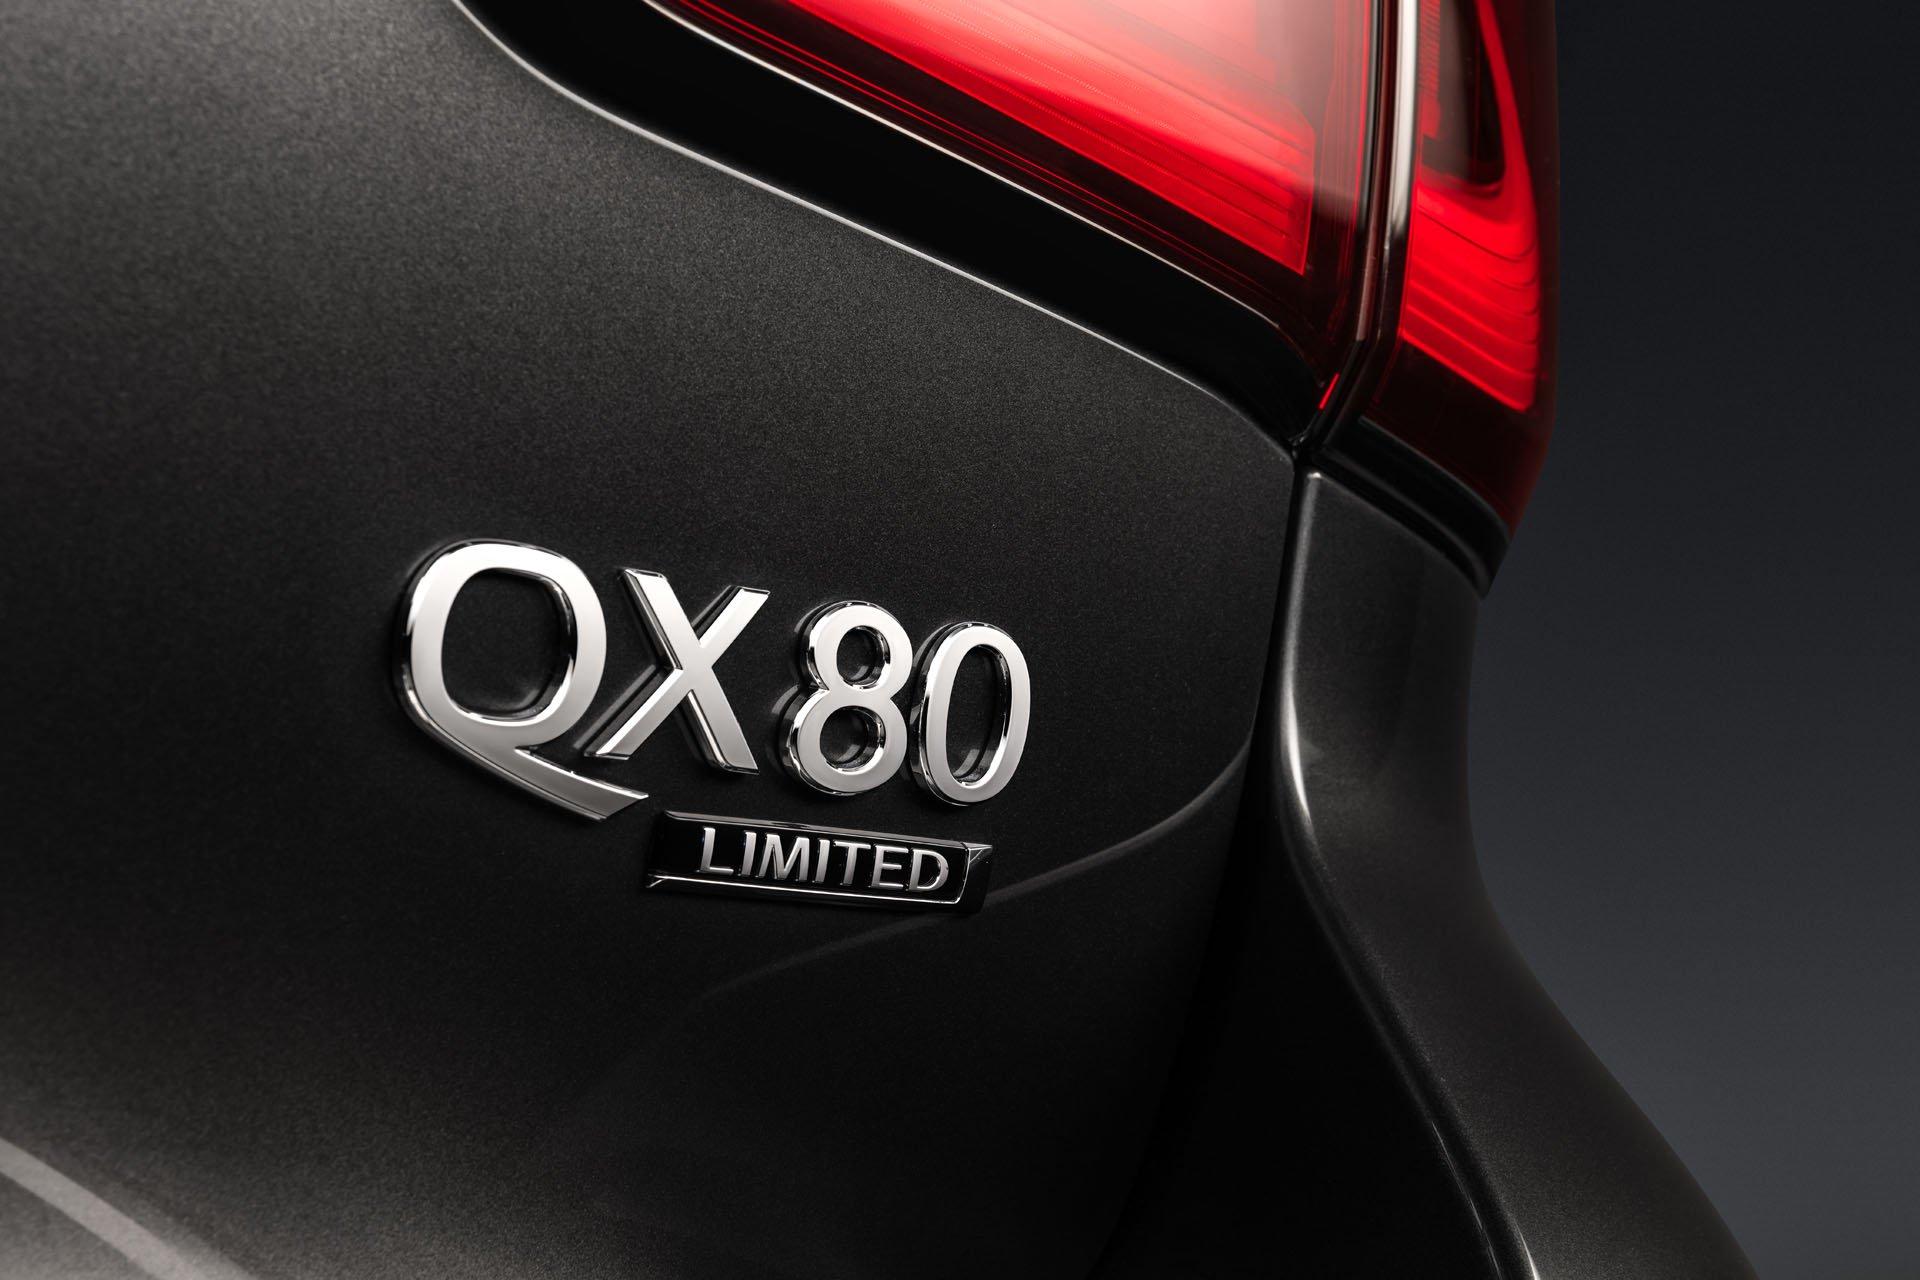 2019-infiniti-qx80-limited-5.jpg